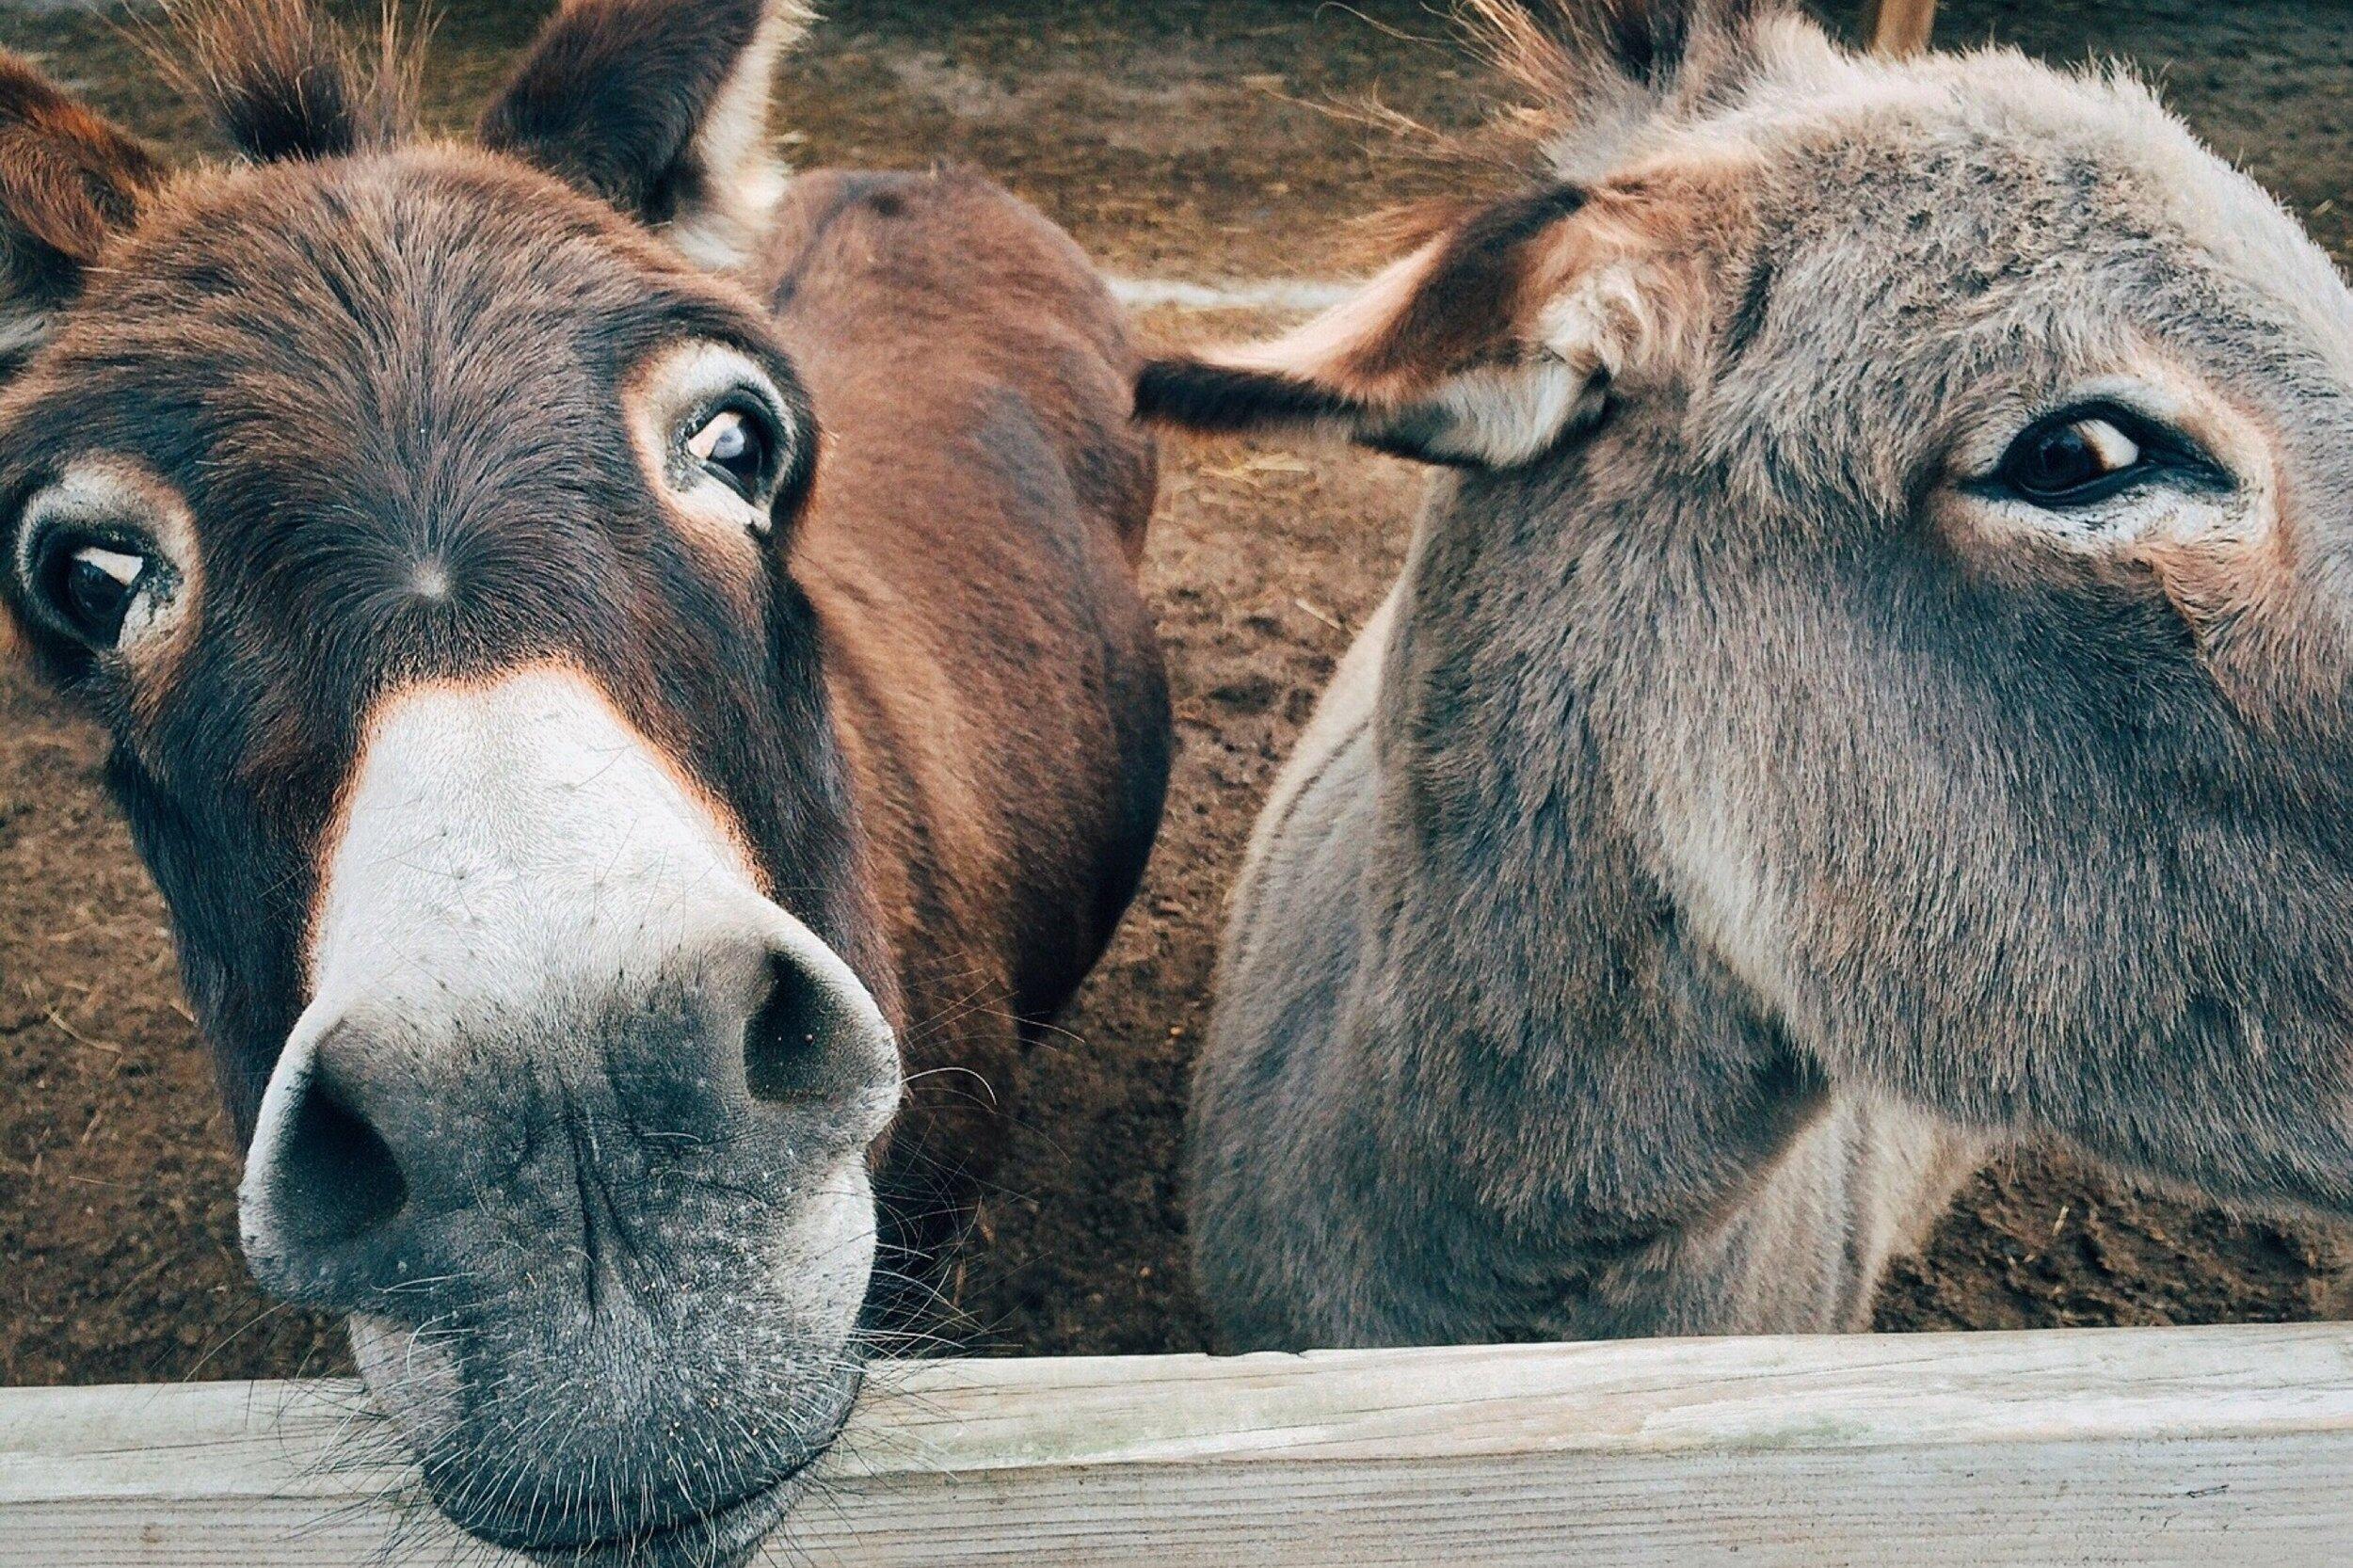 ANIMALS / ACTIVITATS AMB GOSSOS - Selecció d'experiències amb animals: activitats amb gossos i en granges locals